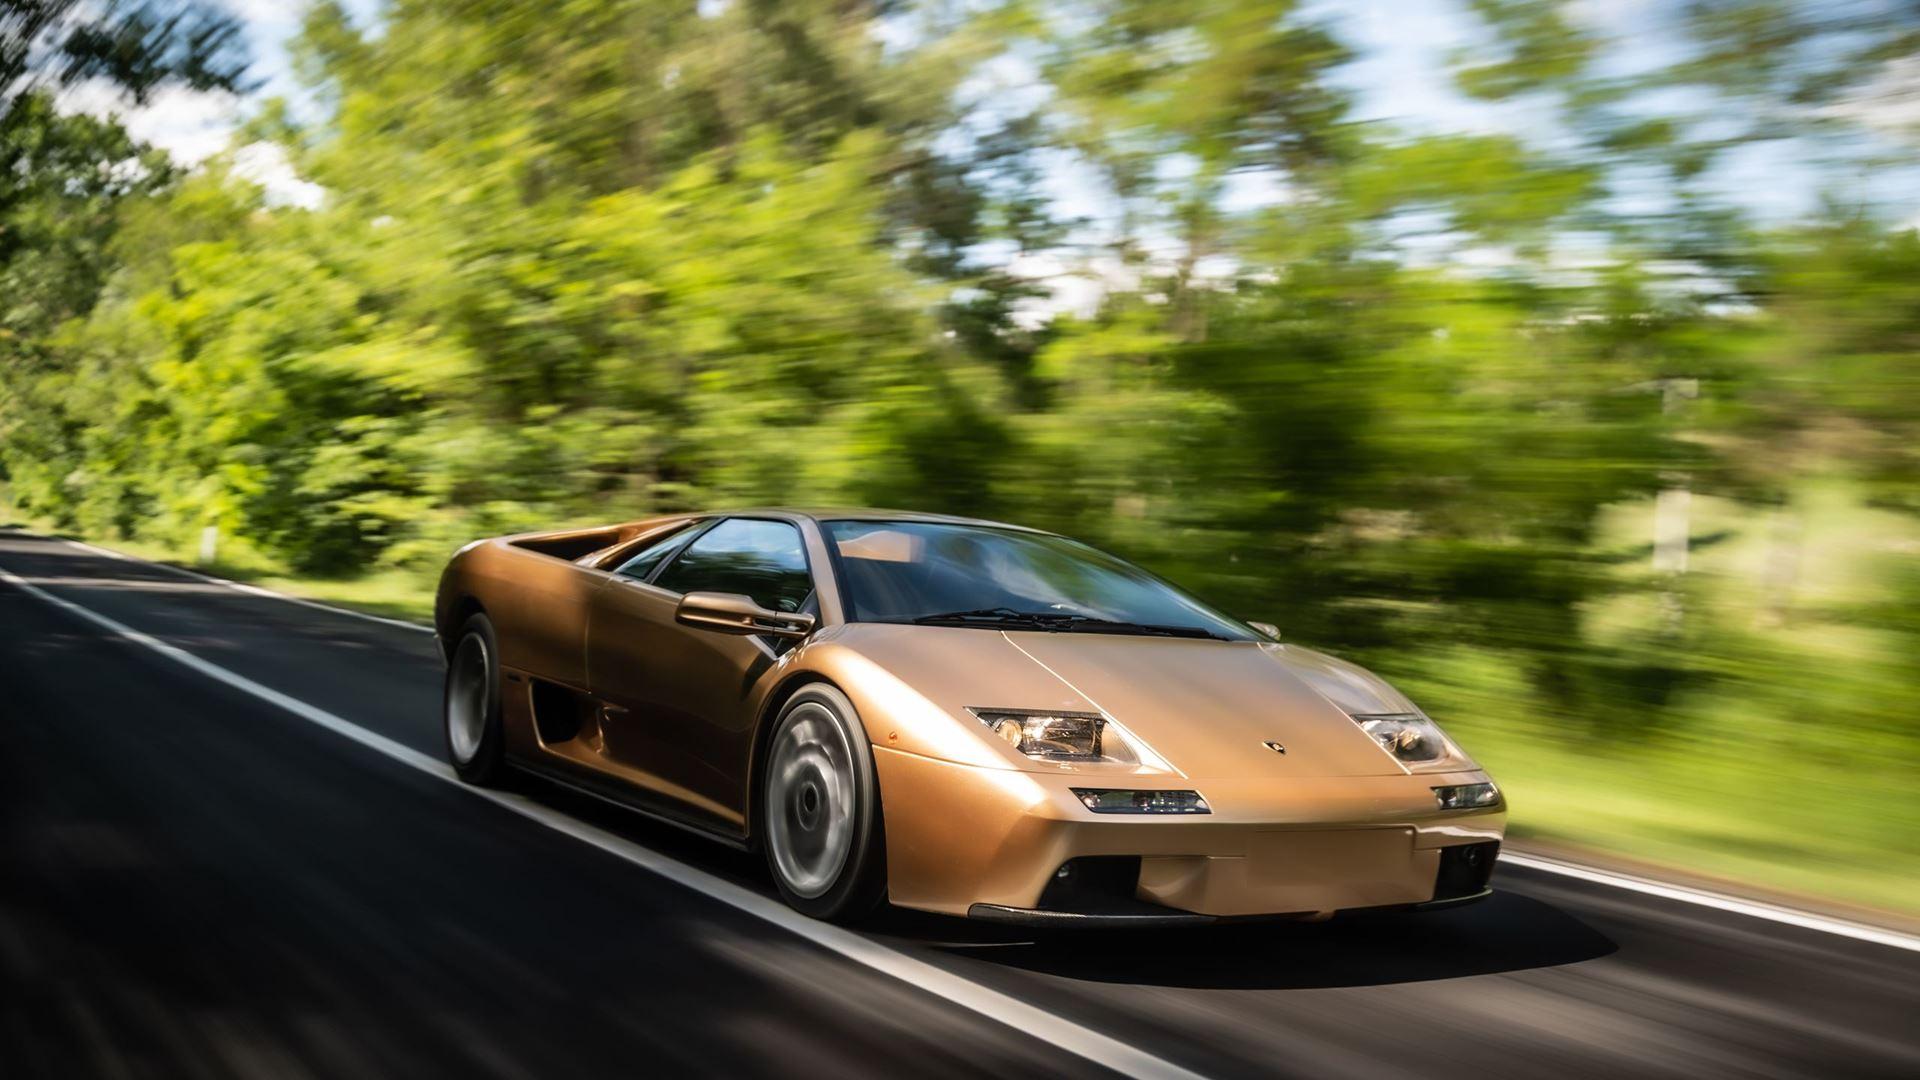 Lamborghini celebrates the 30th Anniversary of the Diablo - Image 7